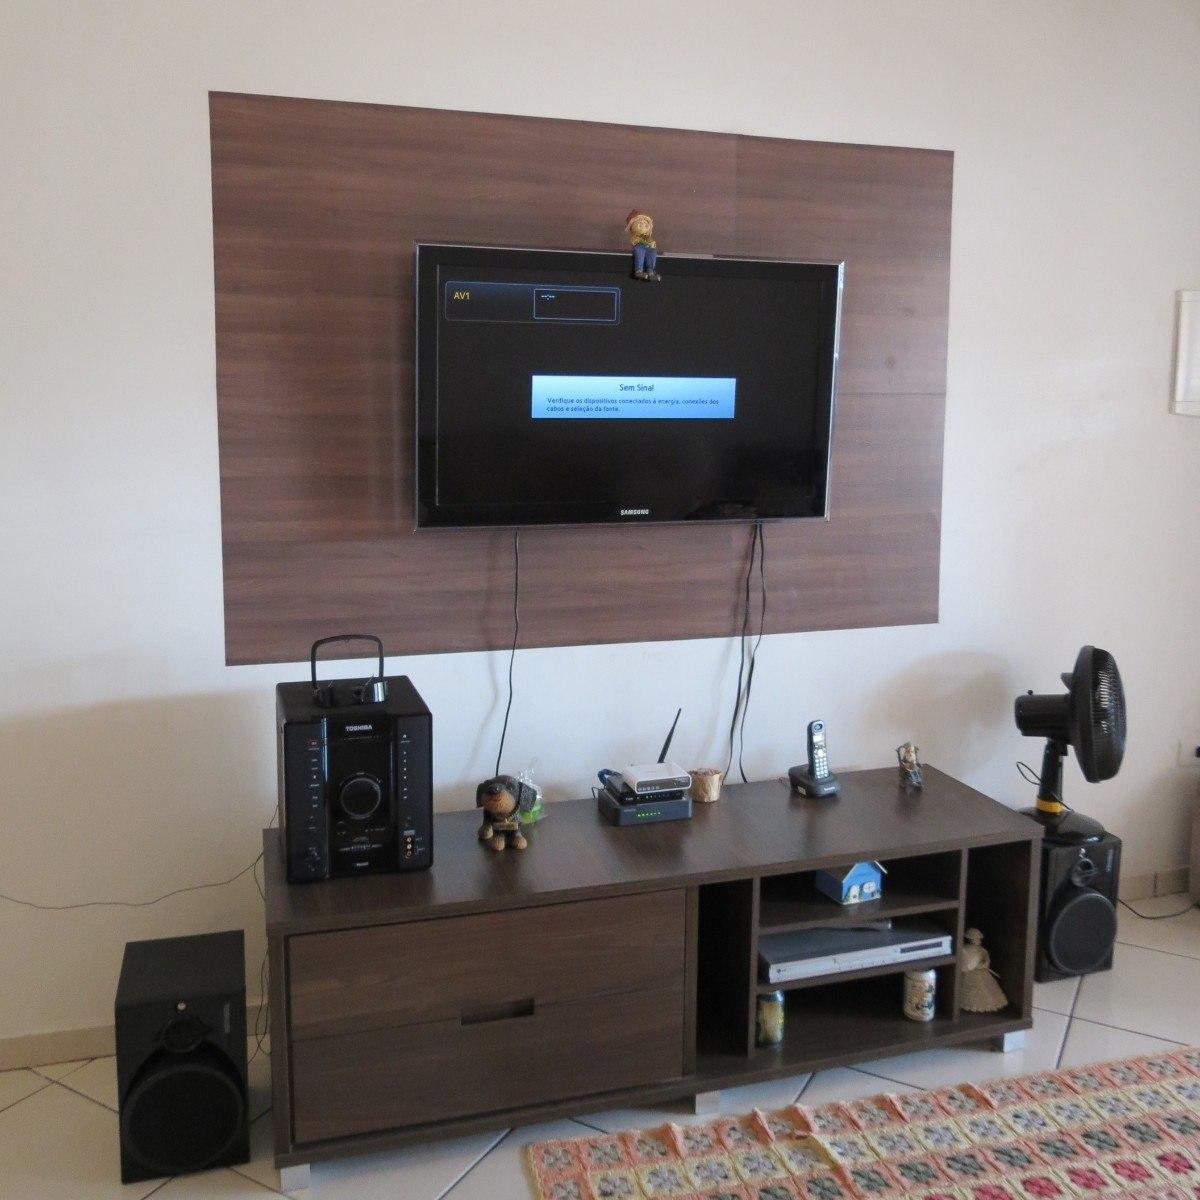 Adesivo Papel De Parede Texturas Pedras Madeira E Listras R 75  -> Adesivos Para Parede Sala De Tv